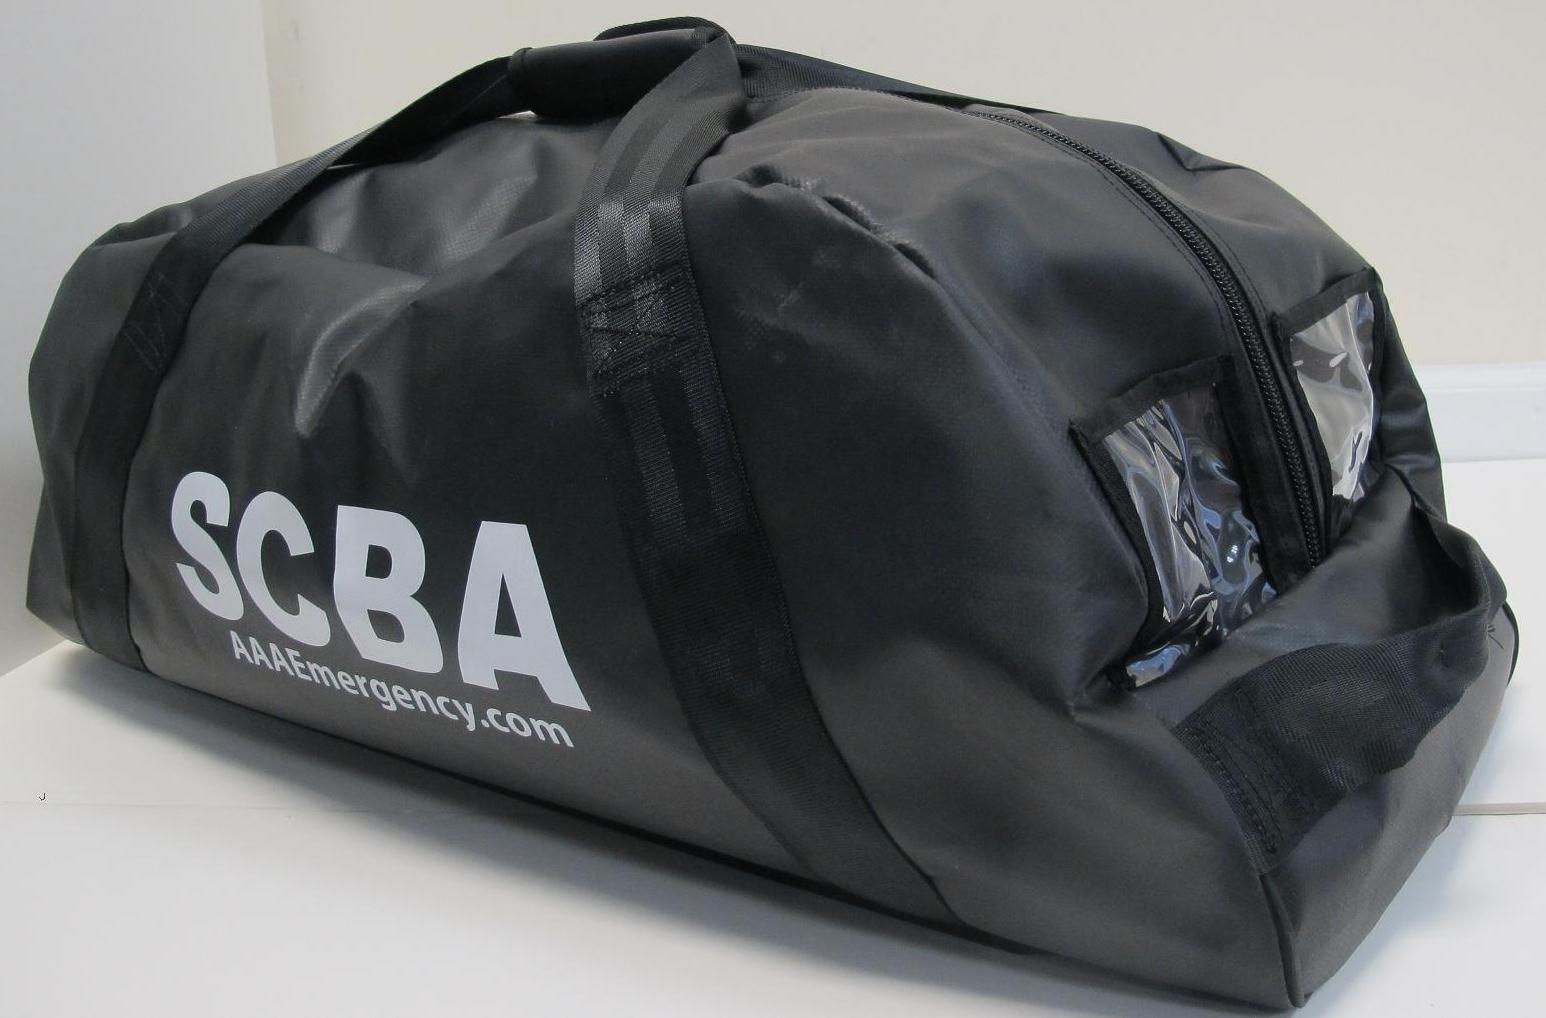 Aaa Exclusive Scba Bag Soft Carrying Bagaaa